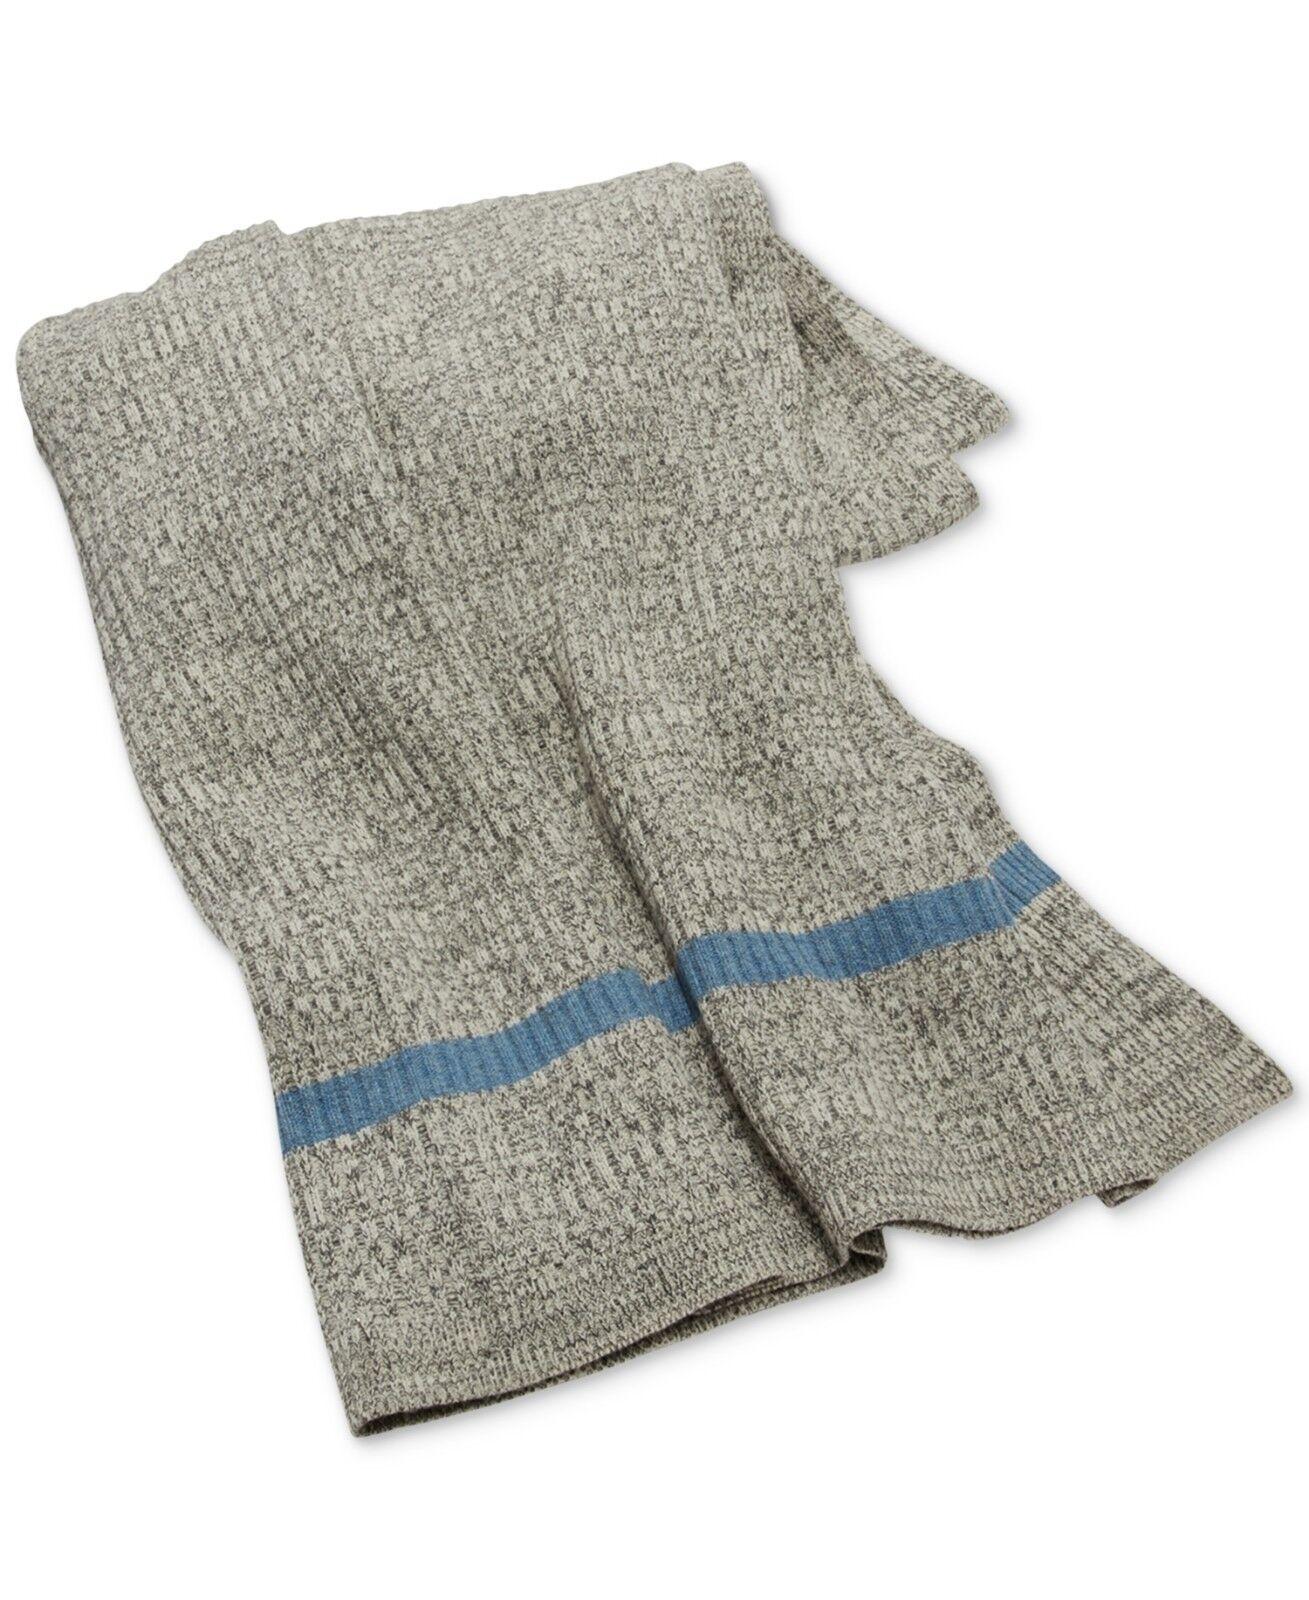 Ralph Lauren Gravesend Lambwools Blend Throw Blanket Grey Light bluee  330 H5054